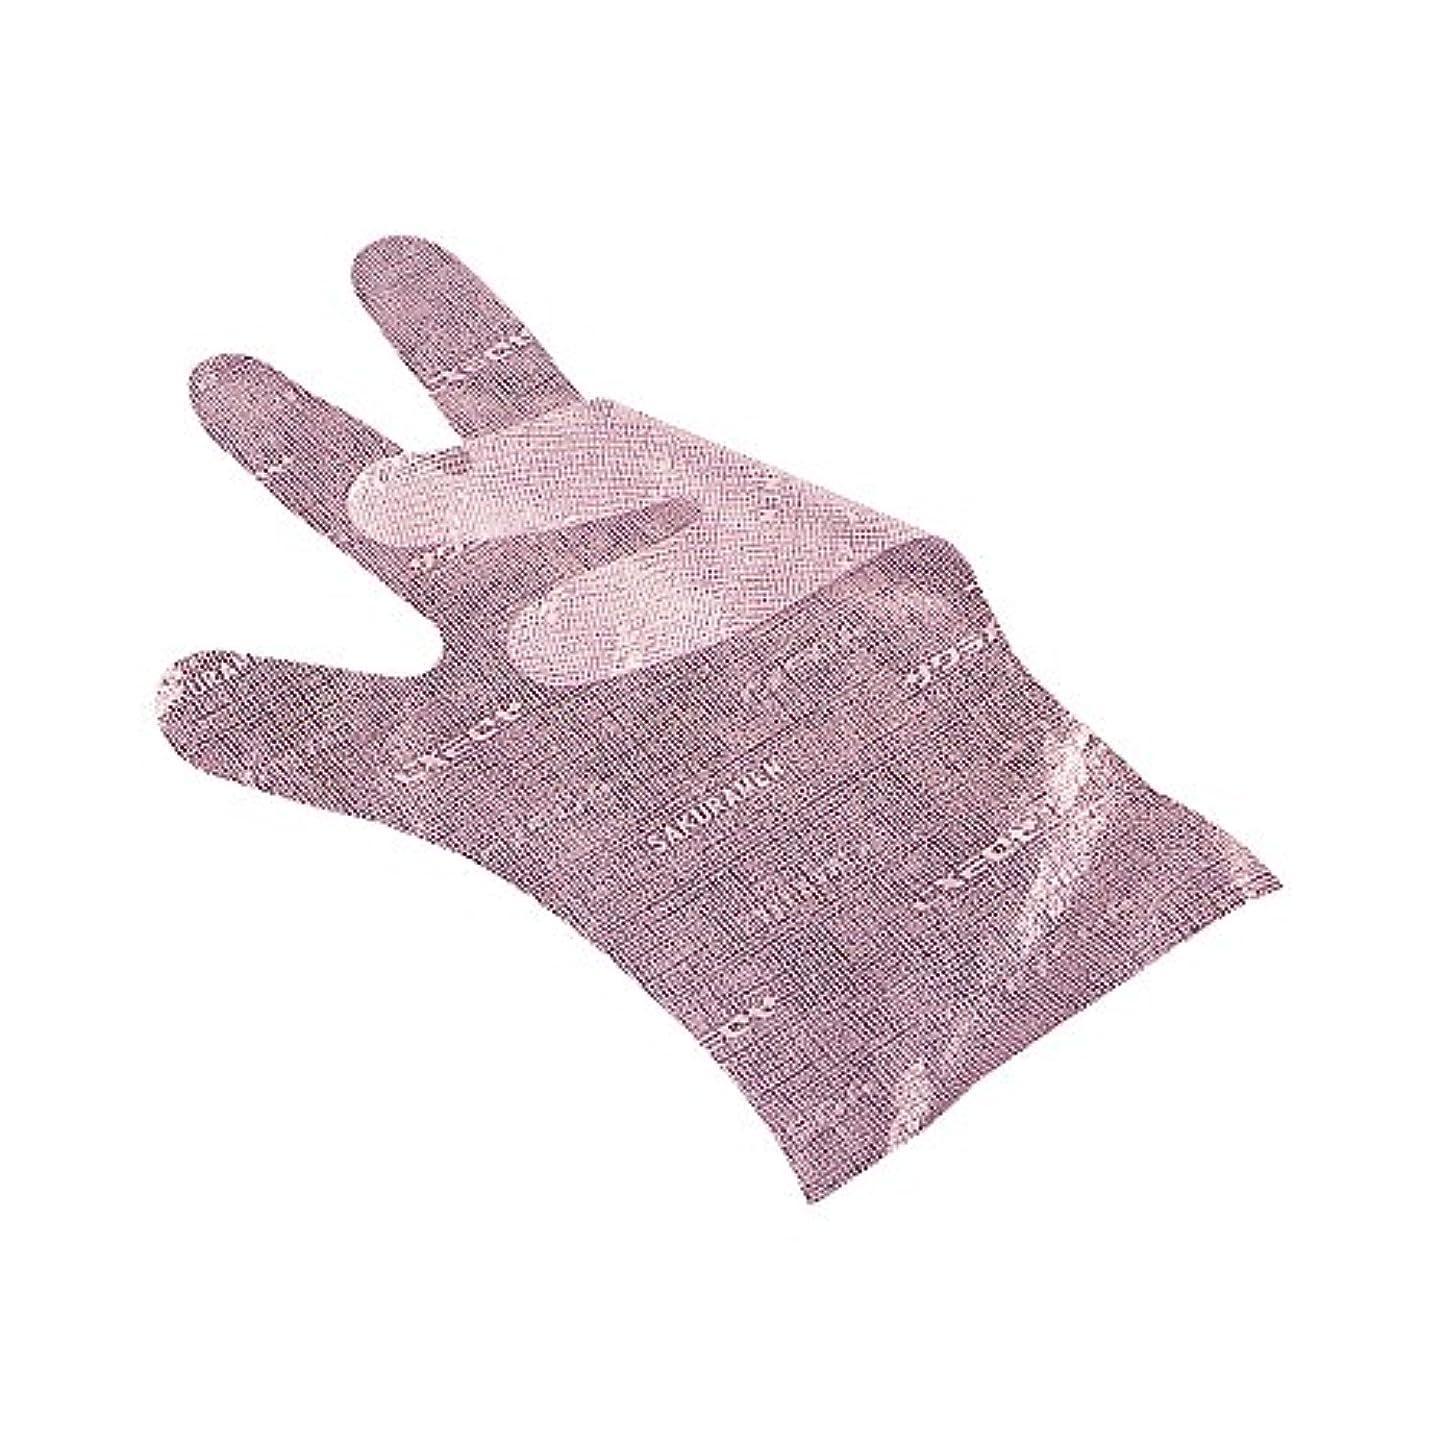 平均ブラケット毒サクラメンエンボス手袋 デラックス ピンク S 100枚入